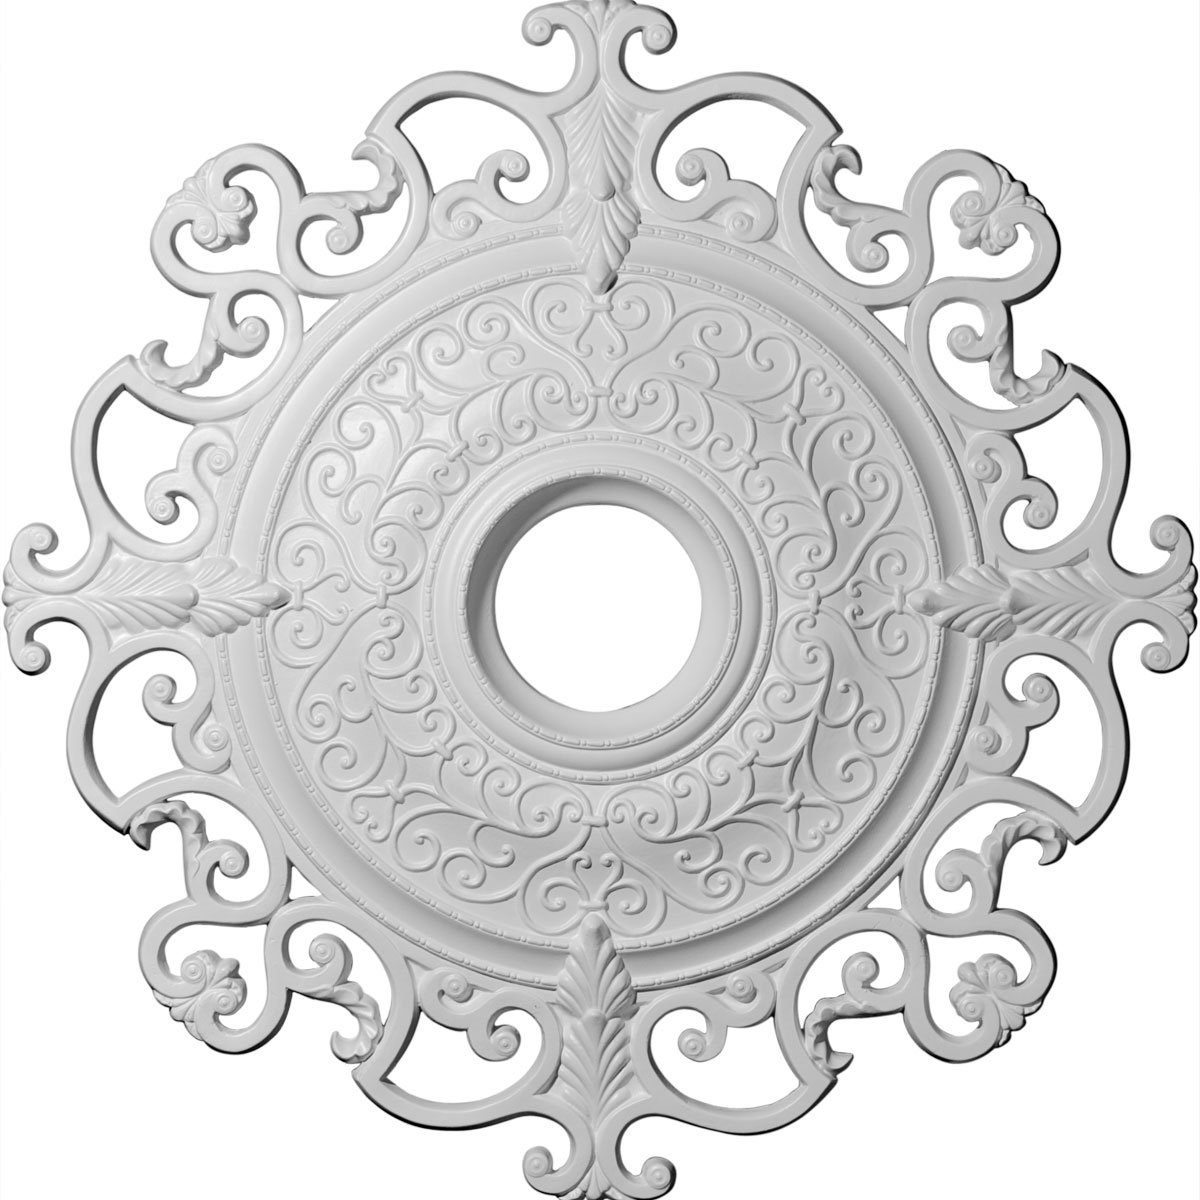 Orleans 38.38'' H x 38 3/8'' W x Ceiling Medallion by Ekena Millwork